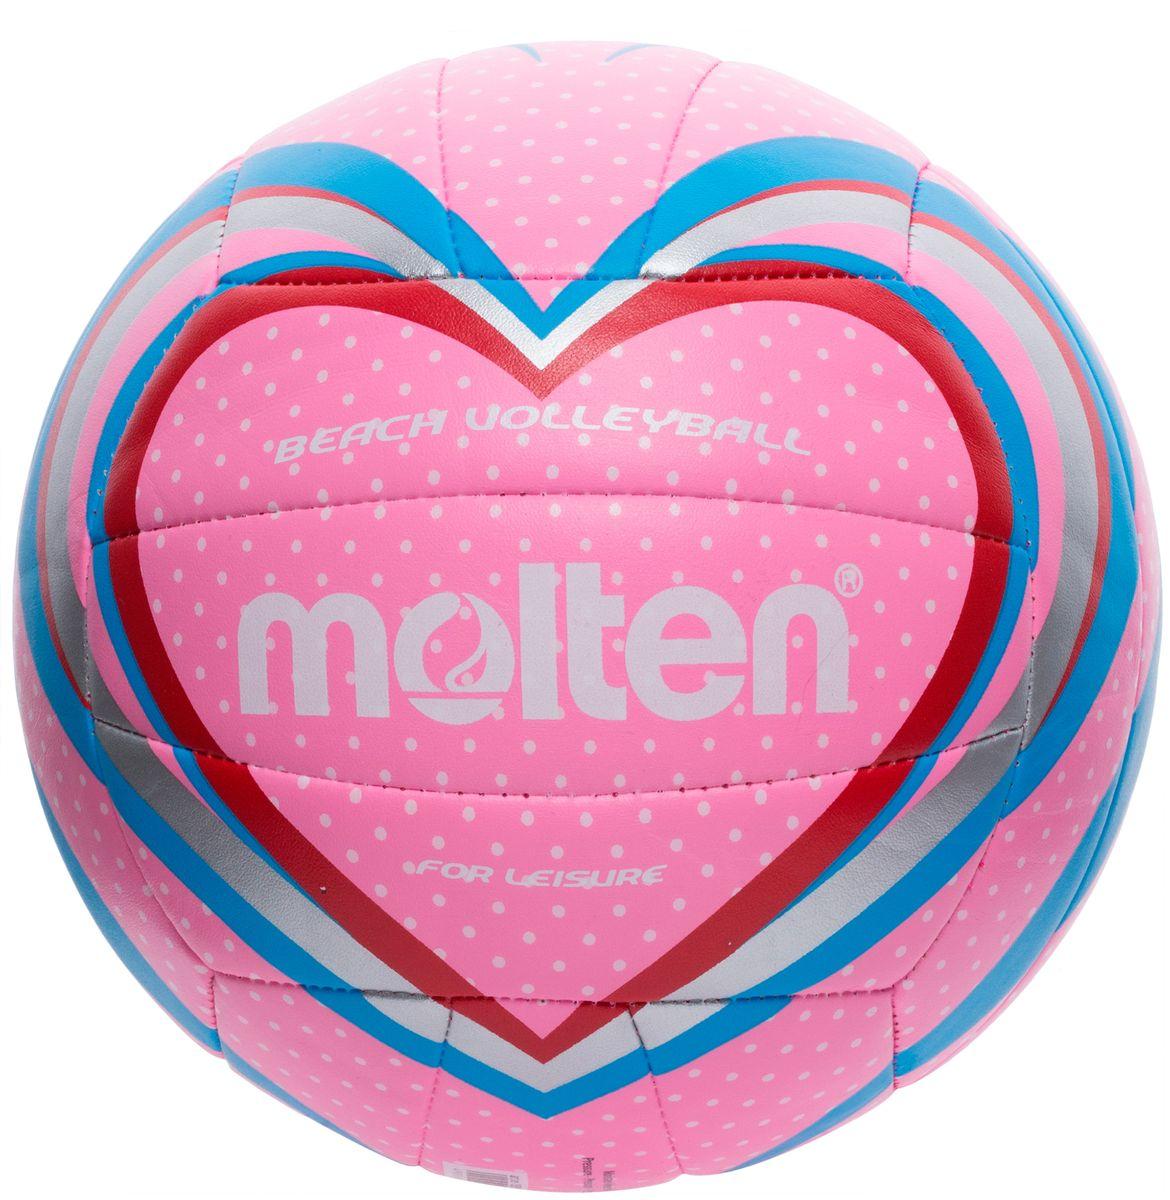 Мяч для пляжного волейбола Molten, цвет: розовый. Размер 5V5B1501-PМяч Molten предназначен для занятий пляжным волейболом. Изготовлен из тонкой синтетической кожи для мягкого контакта с рукой. Машинное шитье.